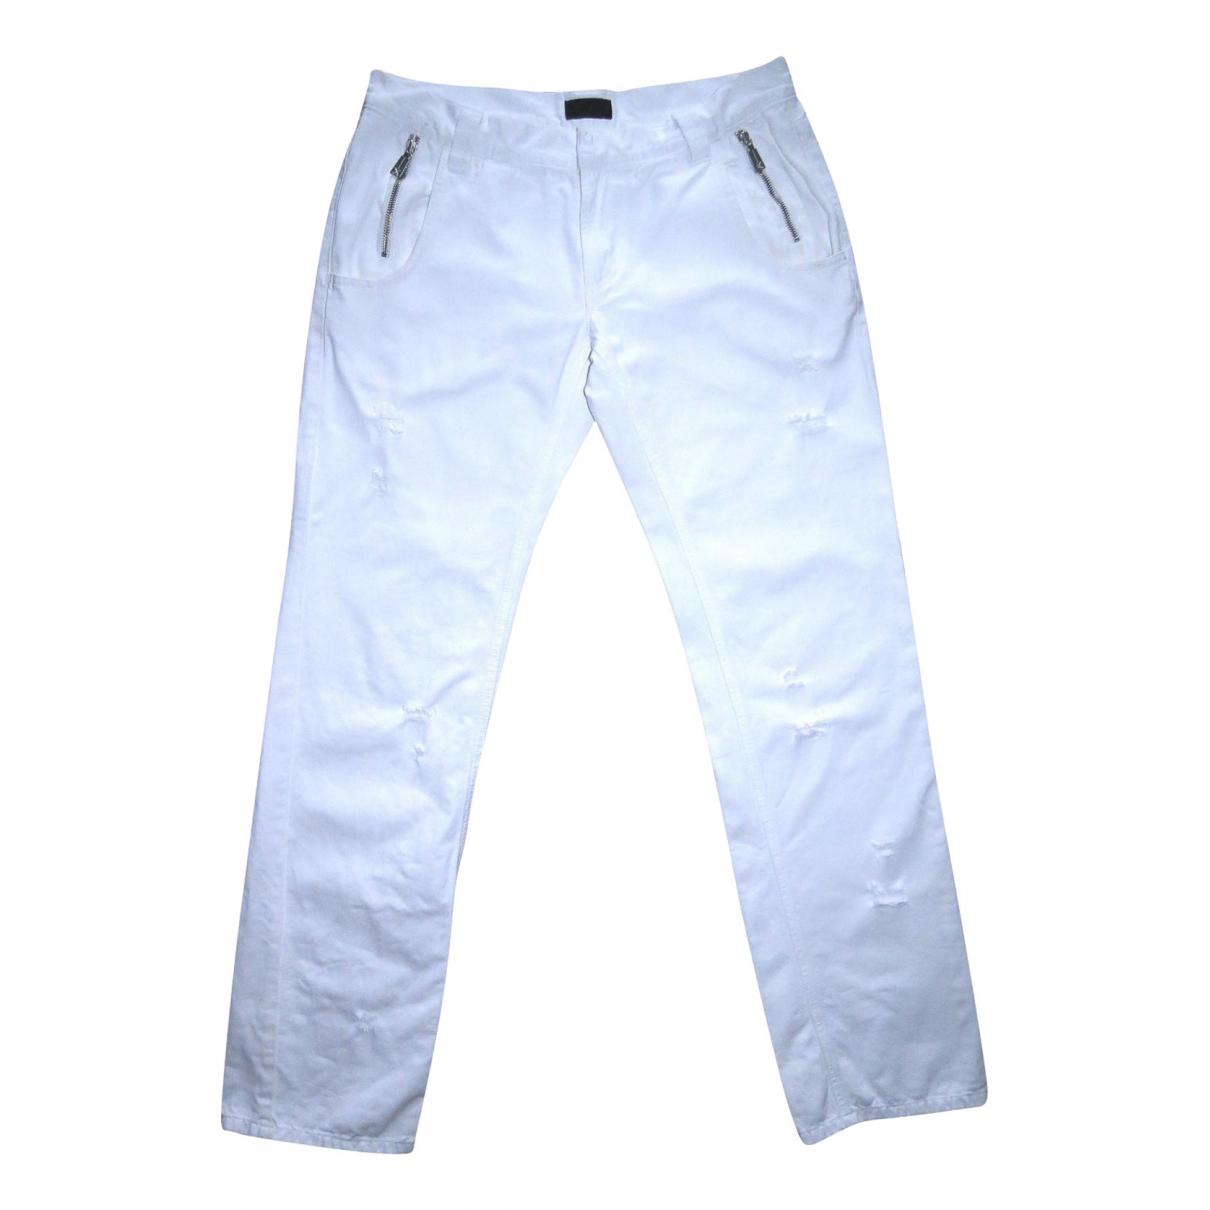 John Richmond \N White Cotton Trousers for Women 50-52 IT